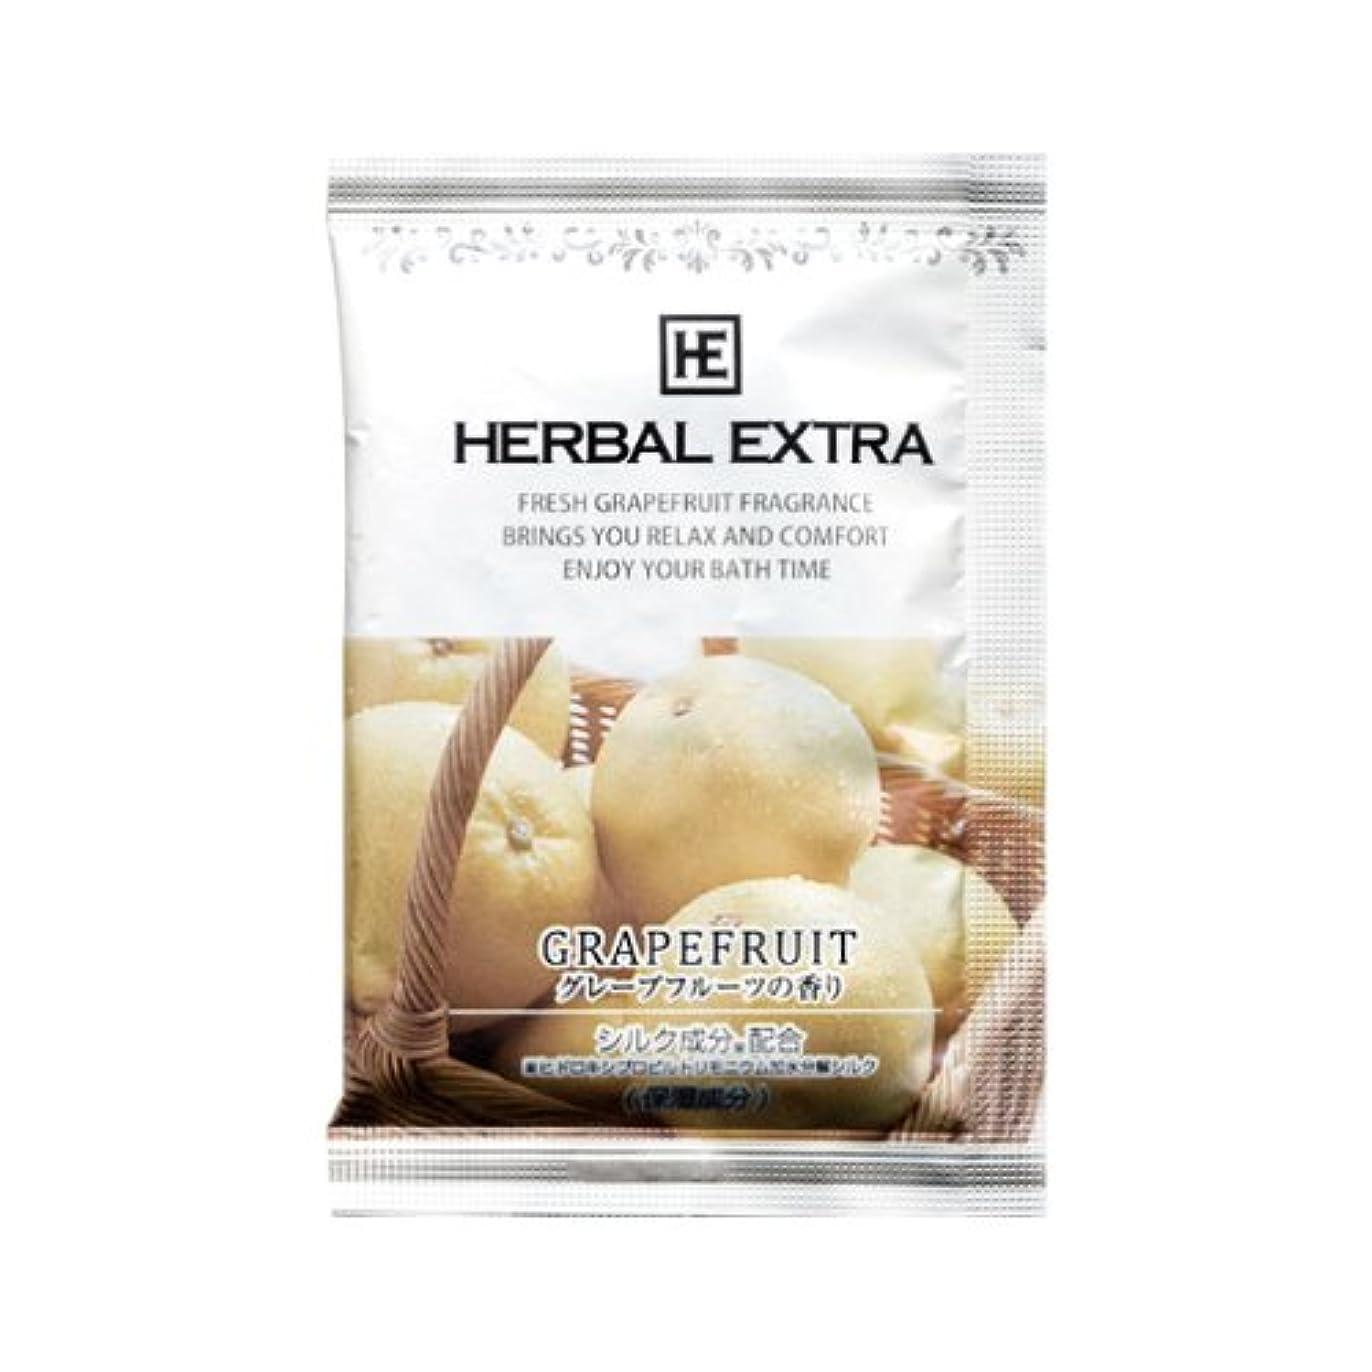 差し控えるバルク値下げハーバルエクストラ グレープフルーツの香り 25g 200包